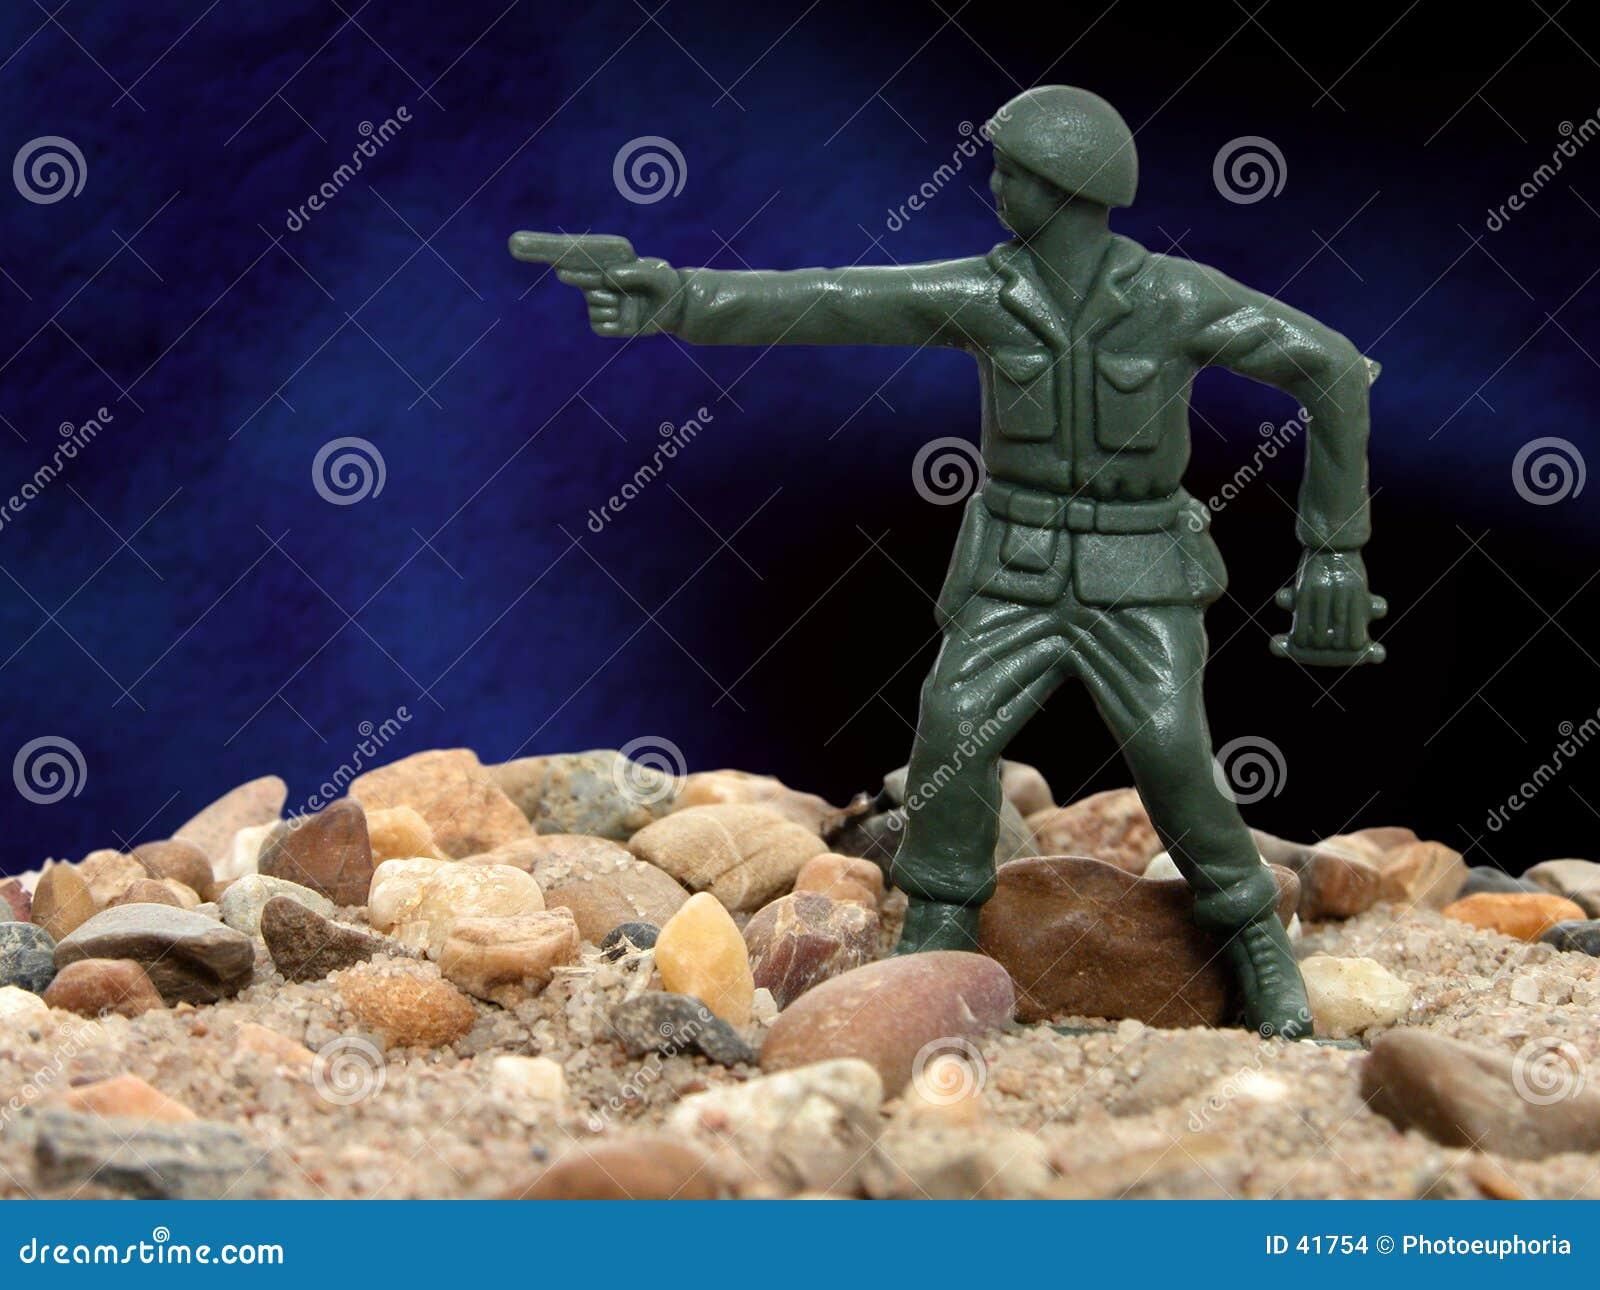 01 zielony człowiek armii zabawka